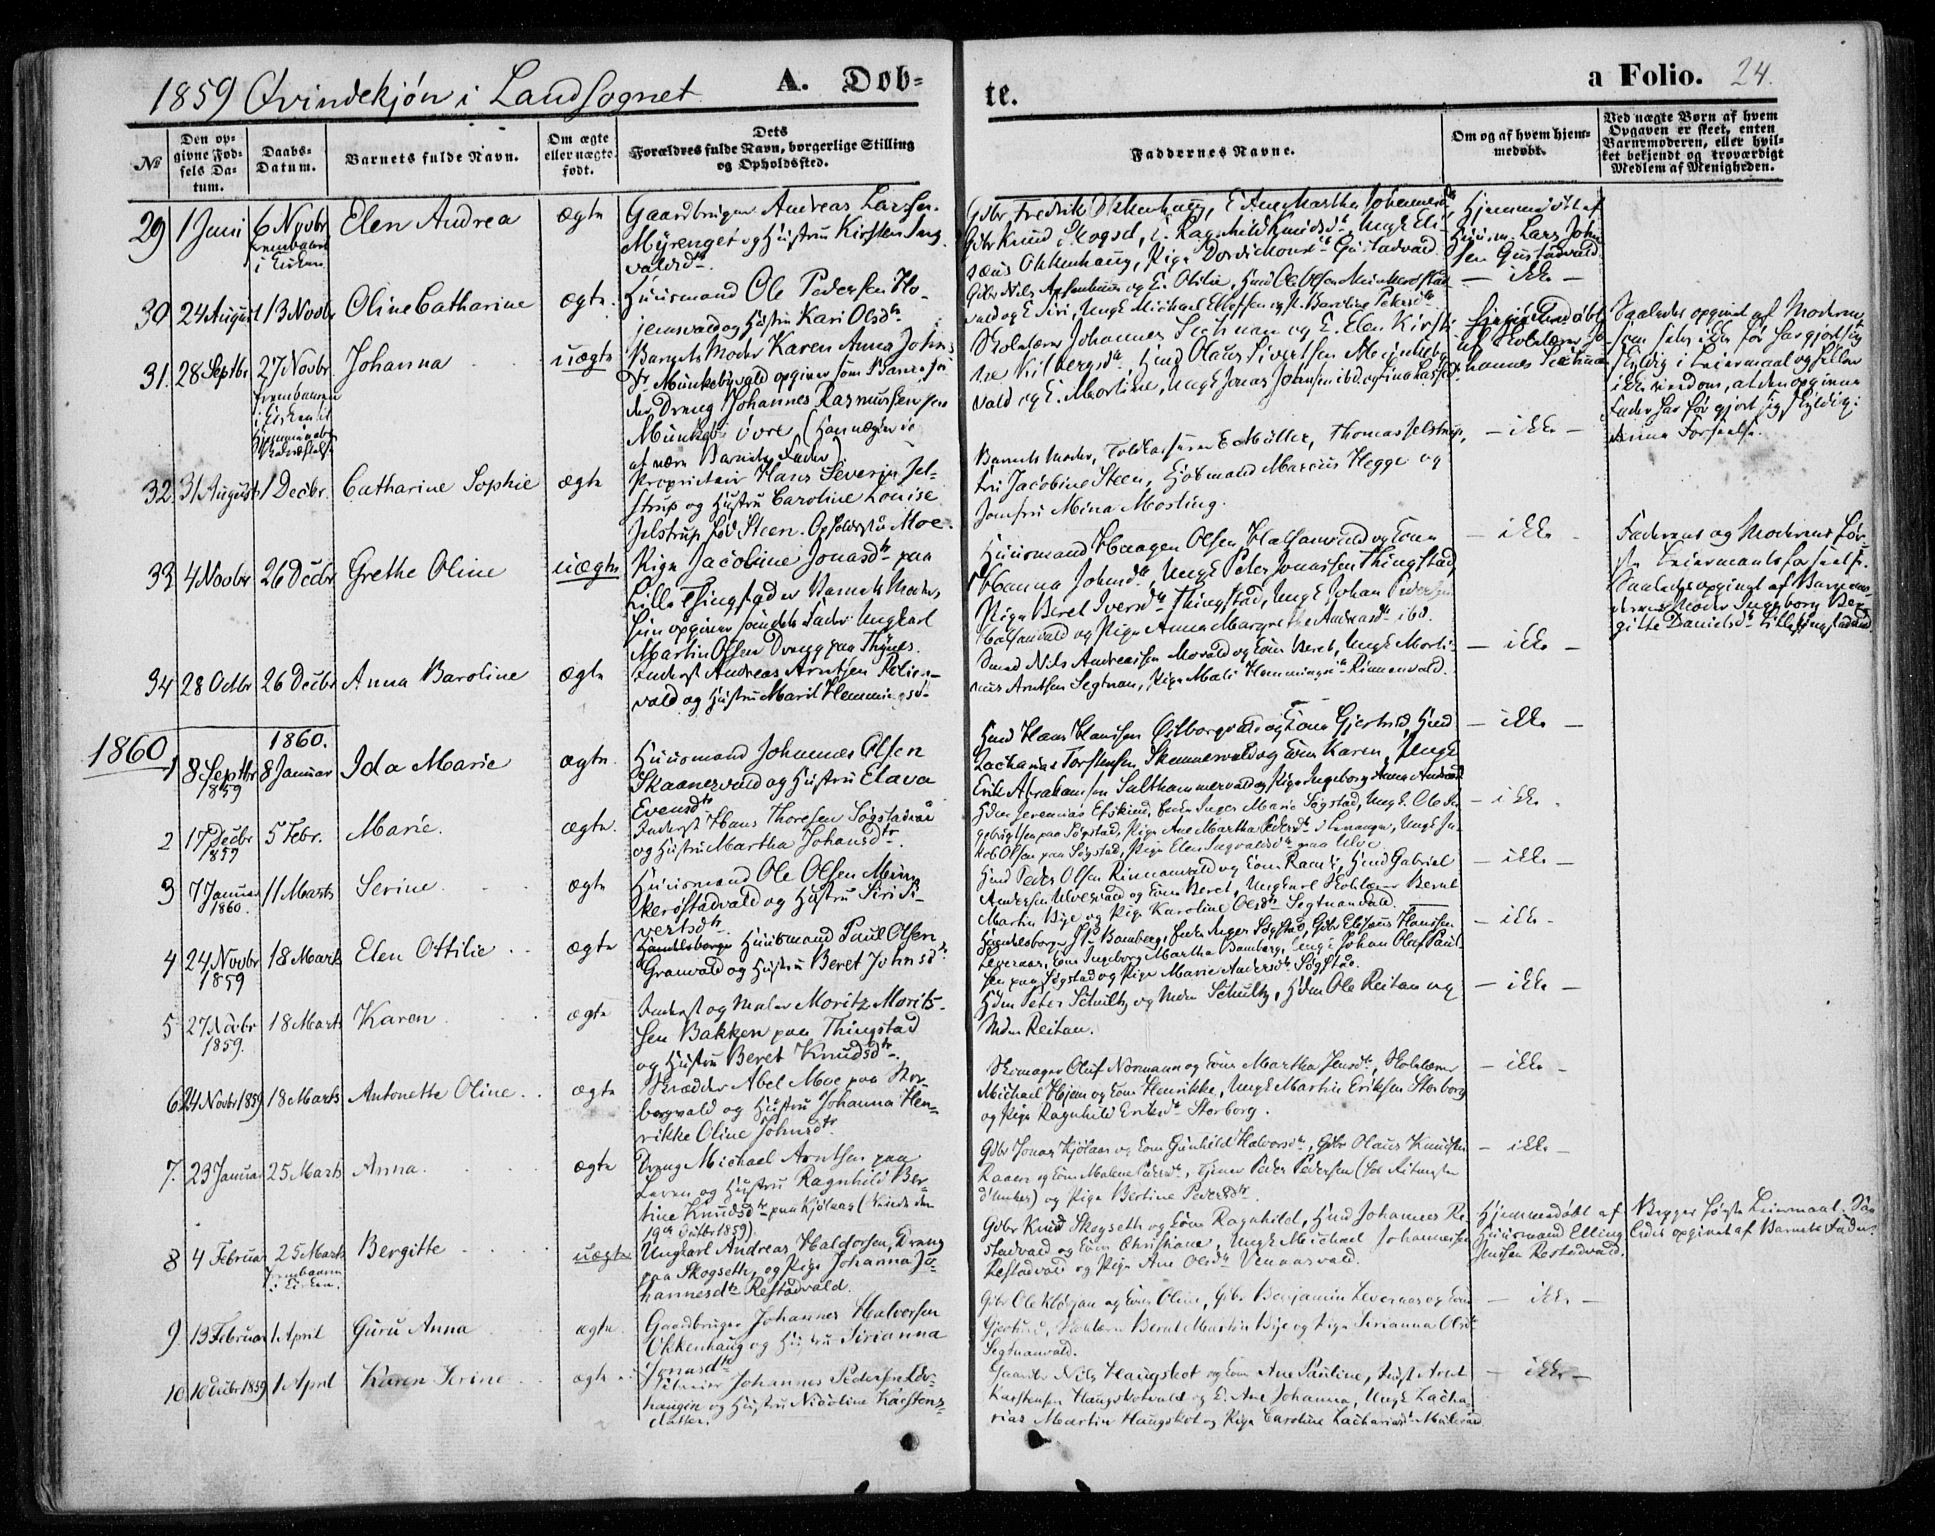 SAT, Ministerialprotokoller, klokkerbøker og fødselsregistre - Nord-Trøndelag, 720/L0184: Ministerialbok nr. 720A02 /2, 1855-1863, s. 24